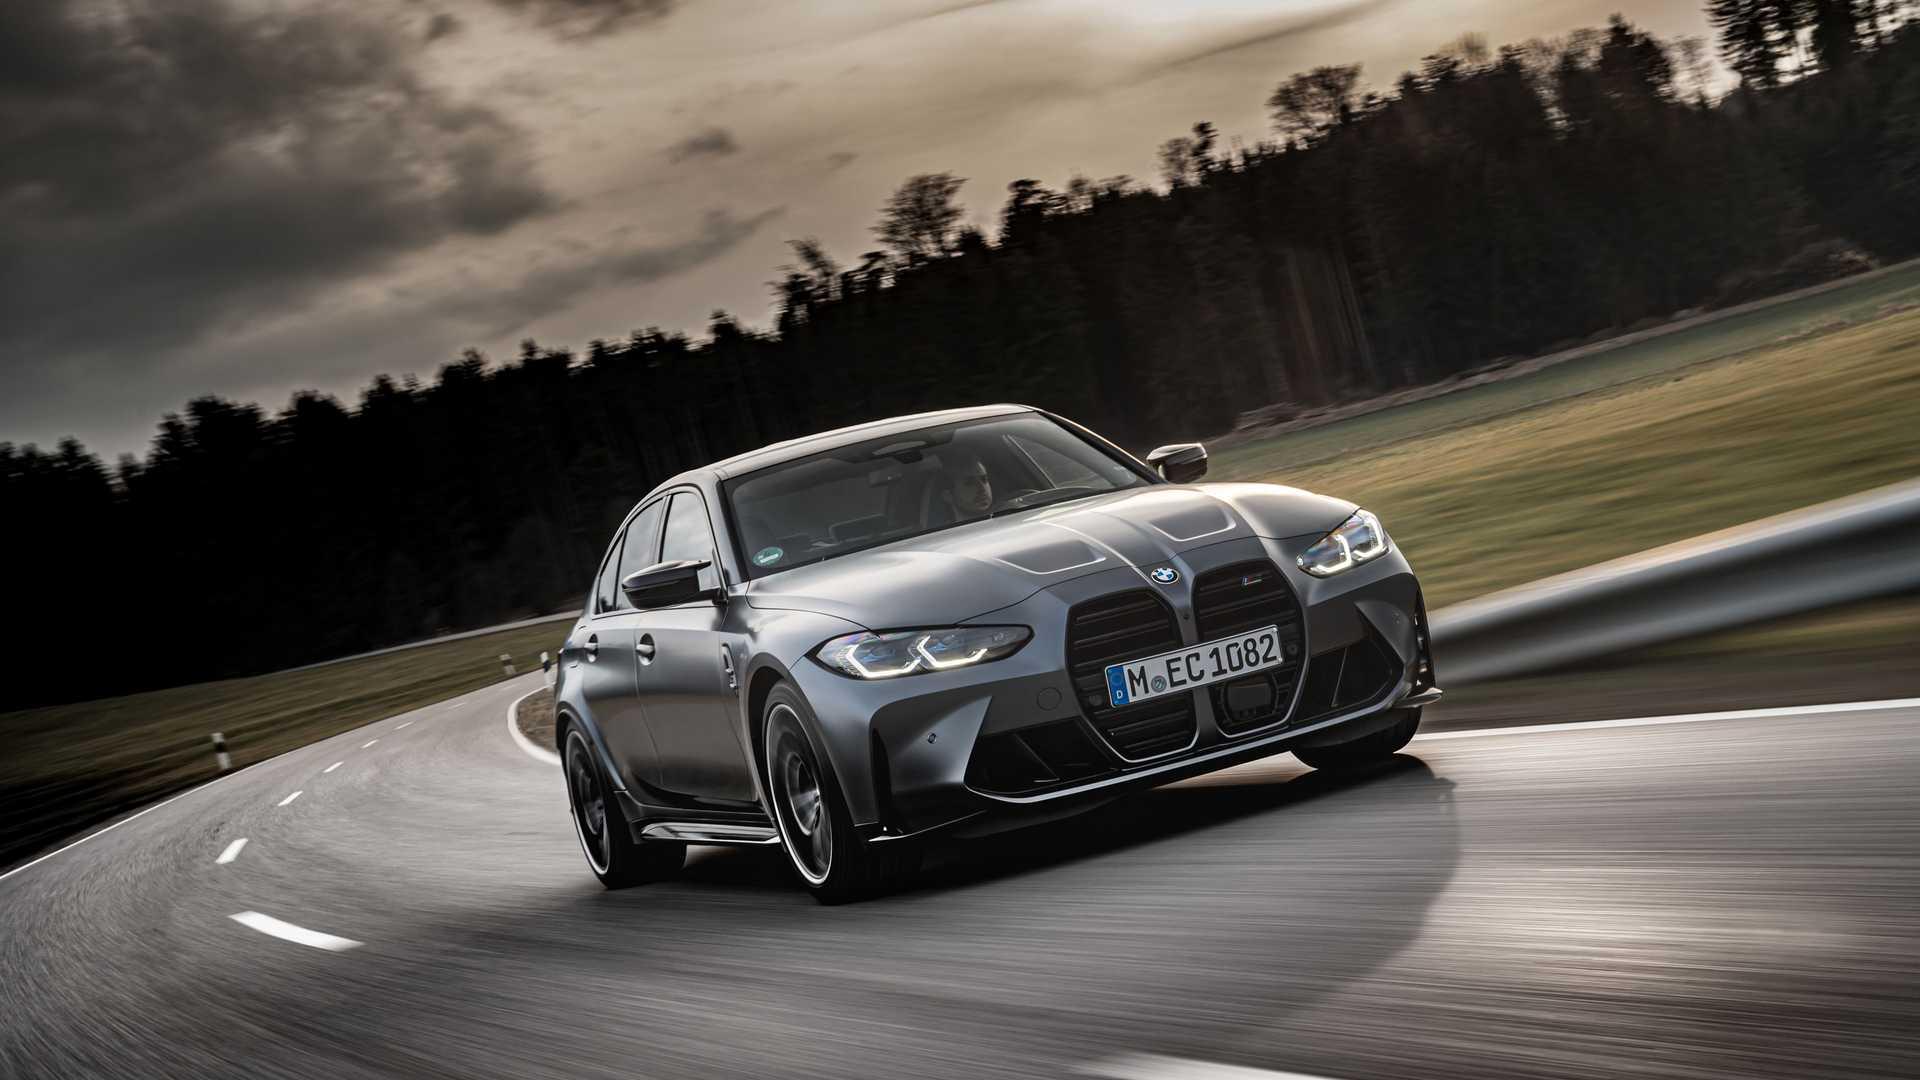 Bị chê lưới tản nhiệt xấu, BMW nói khách hàng nên trải nghiệm thực tế sẽ thấy khác - Ảnh 2.